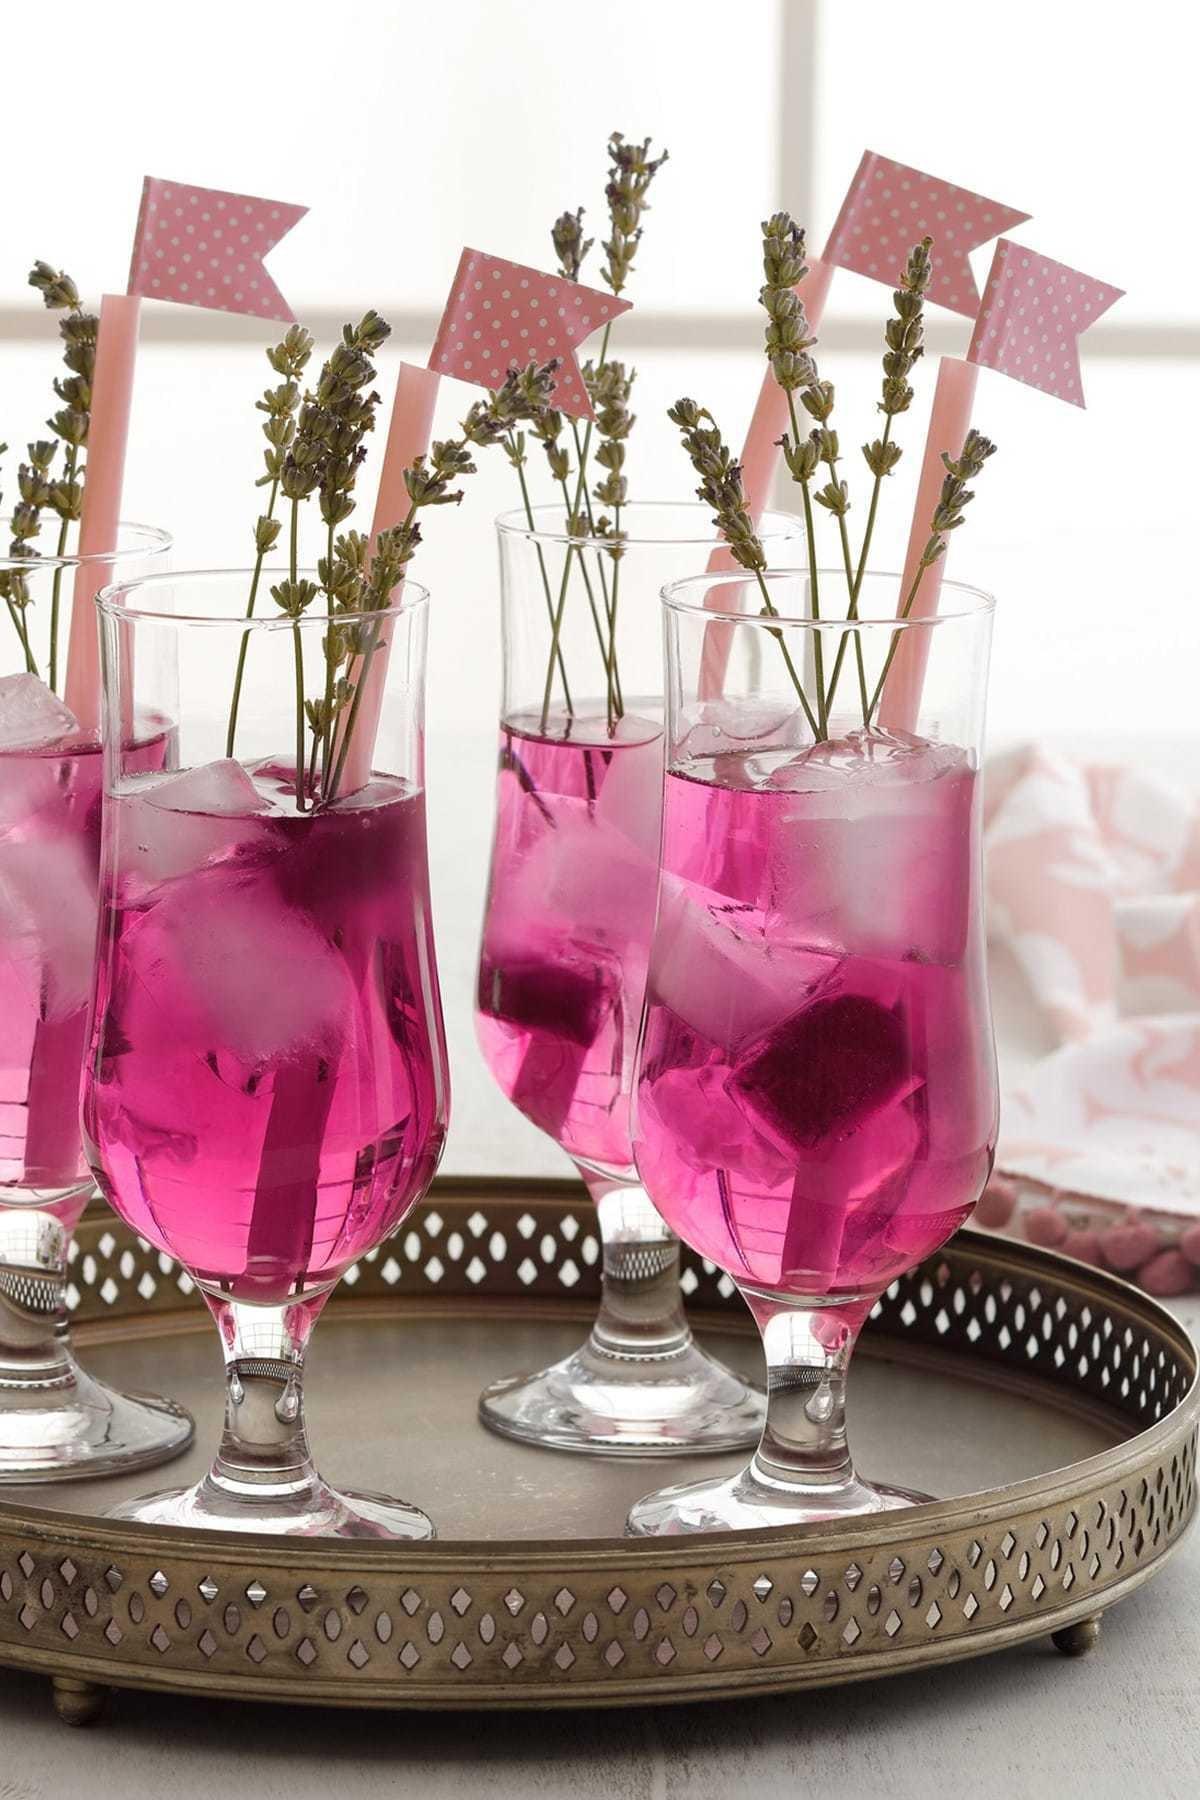 LAV 6'lı Kokteyl Limonata Bardağı Nevakar 1